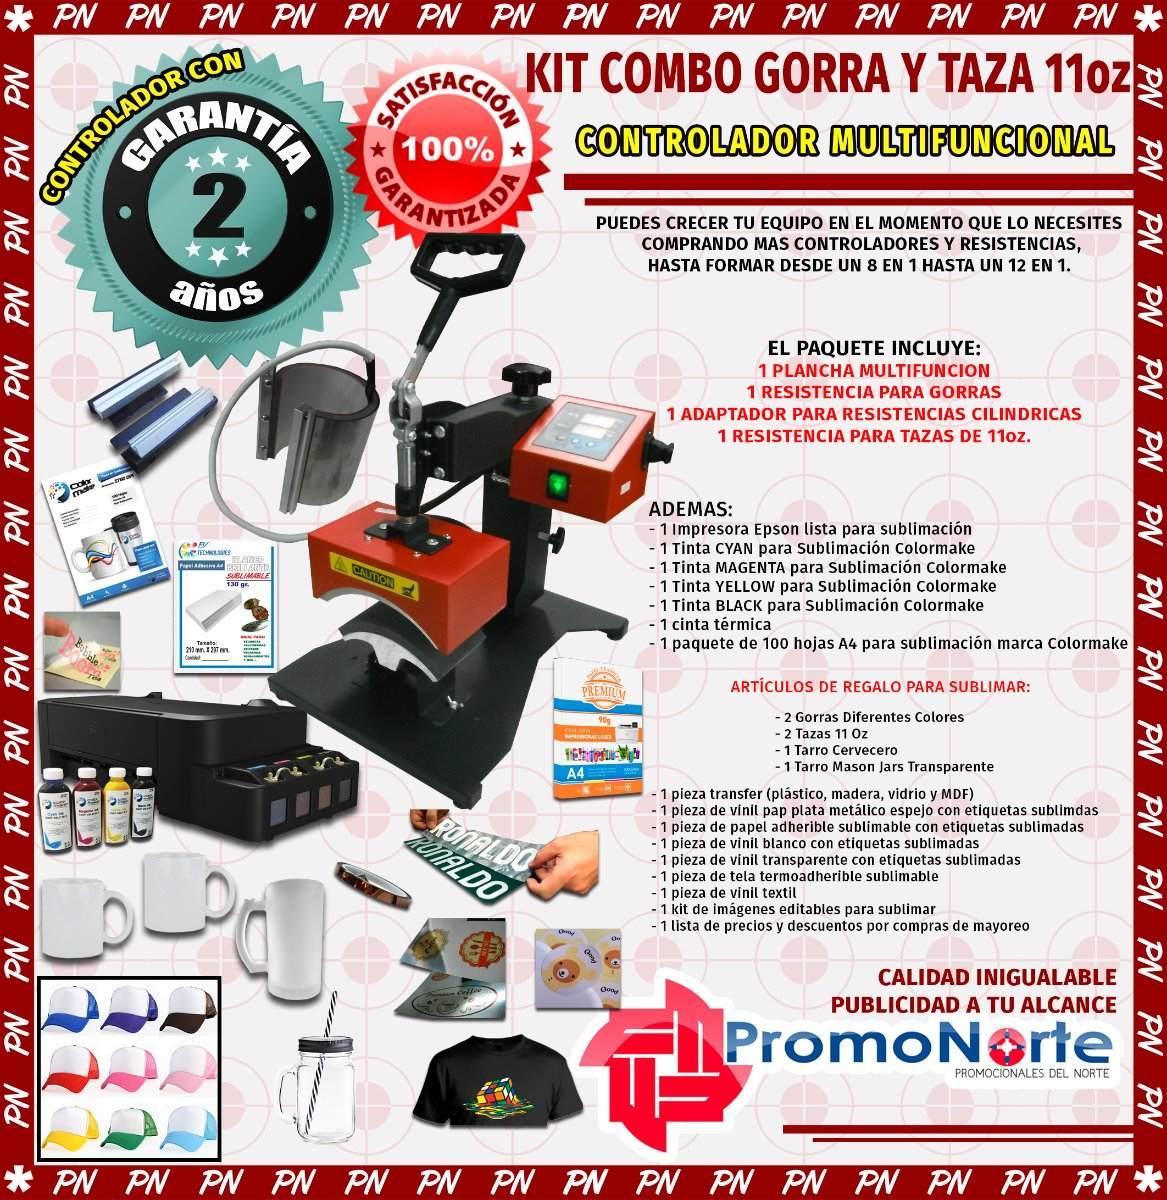 Kit Combo De 8 En 1 A Plancha Gorra Y Taza Sublimación 2019 ... 30deed3c8de